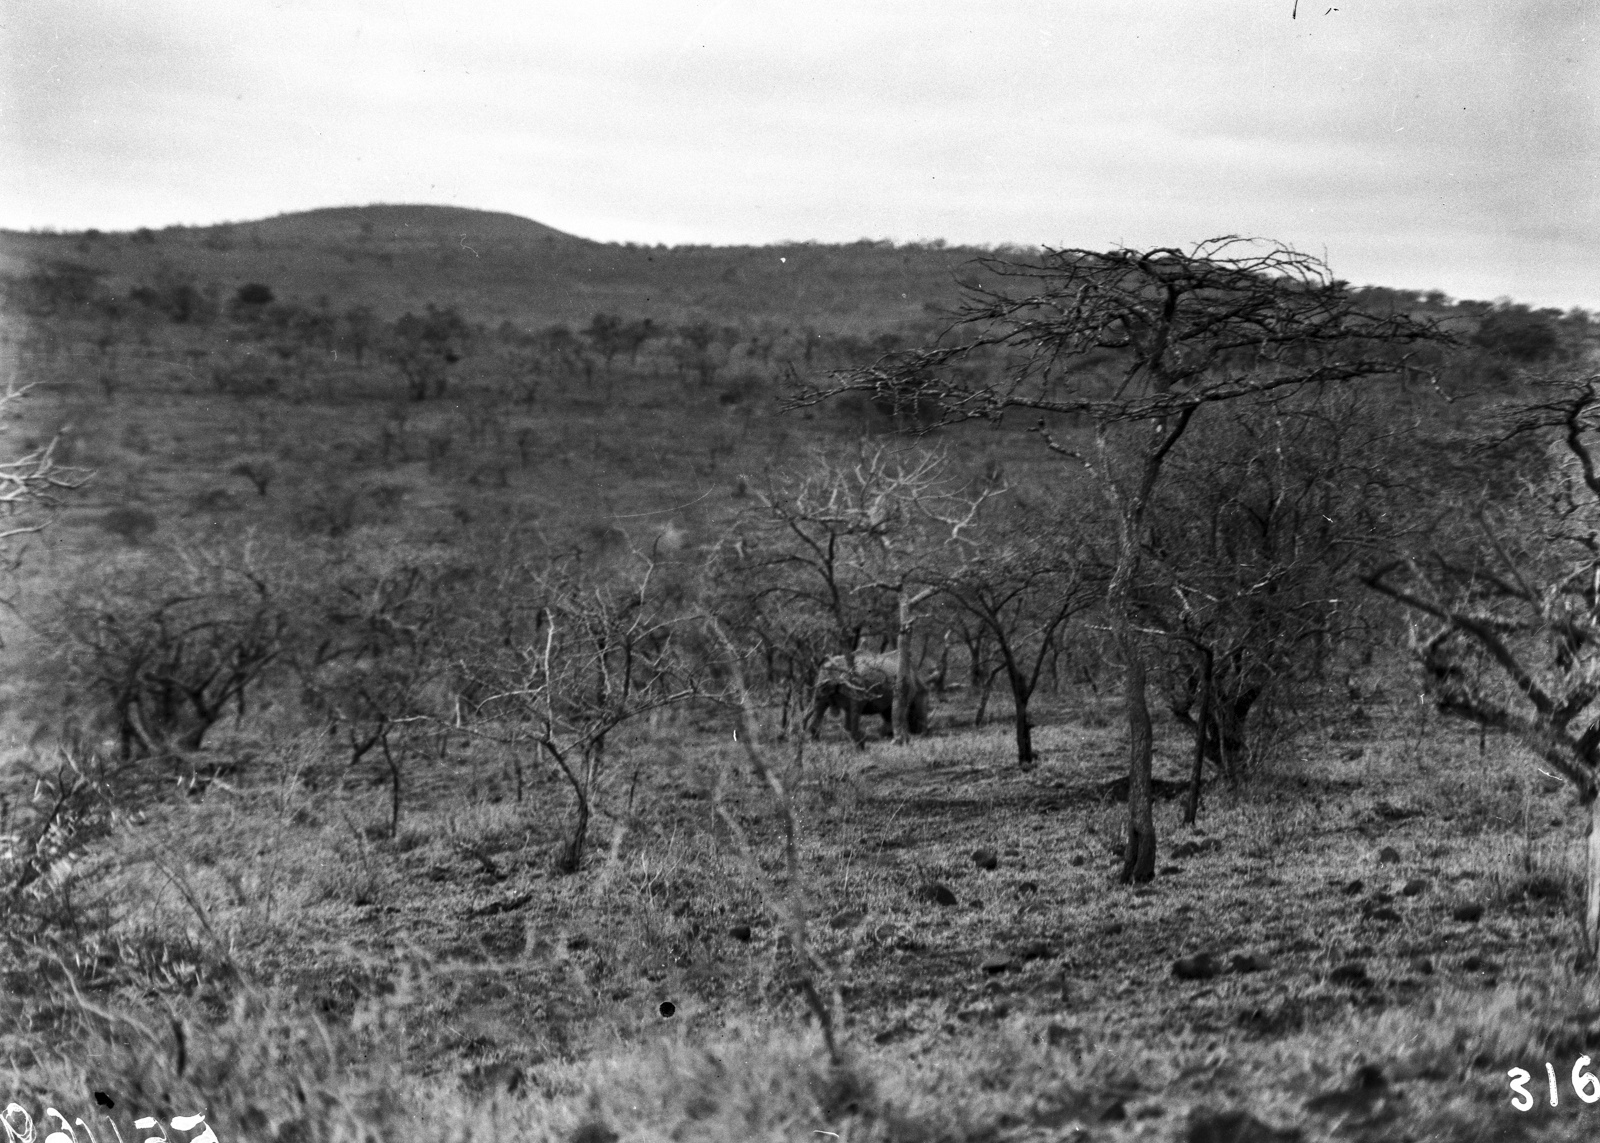 Южно-Африканский Союз. Квазулу-Наталь. Носорог ищет пищу среди деревьев в парке Умфолози